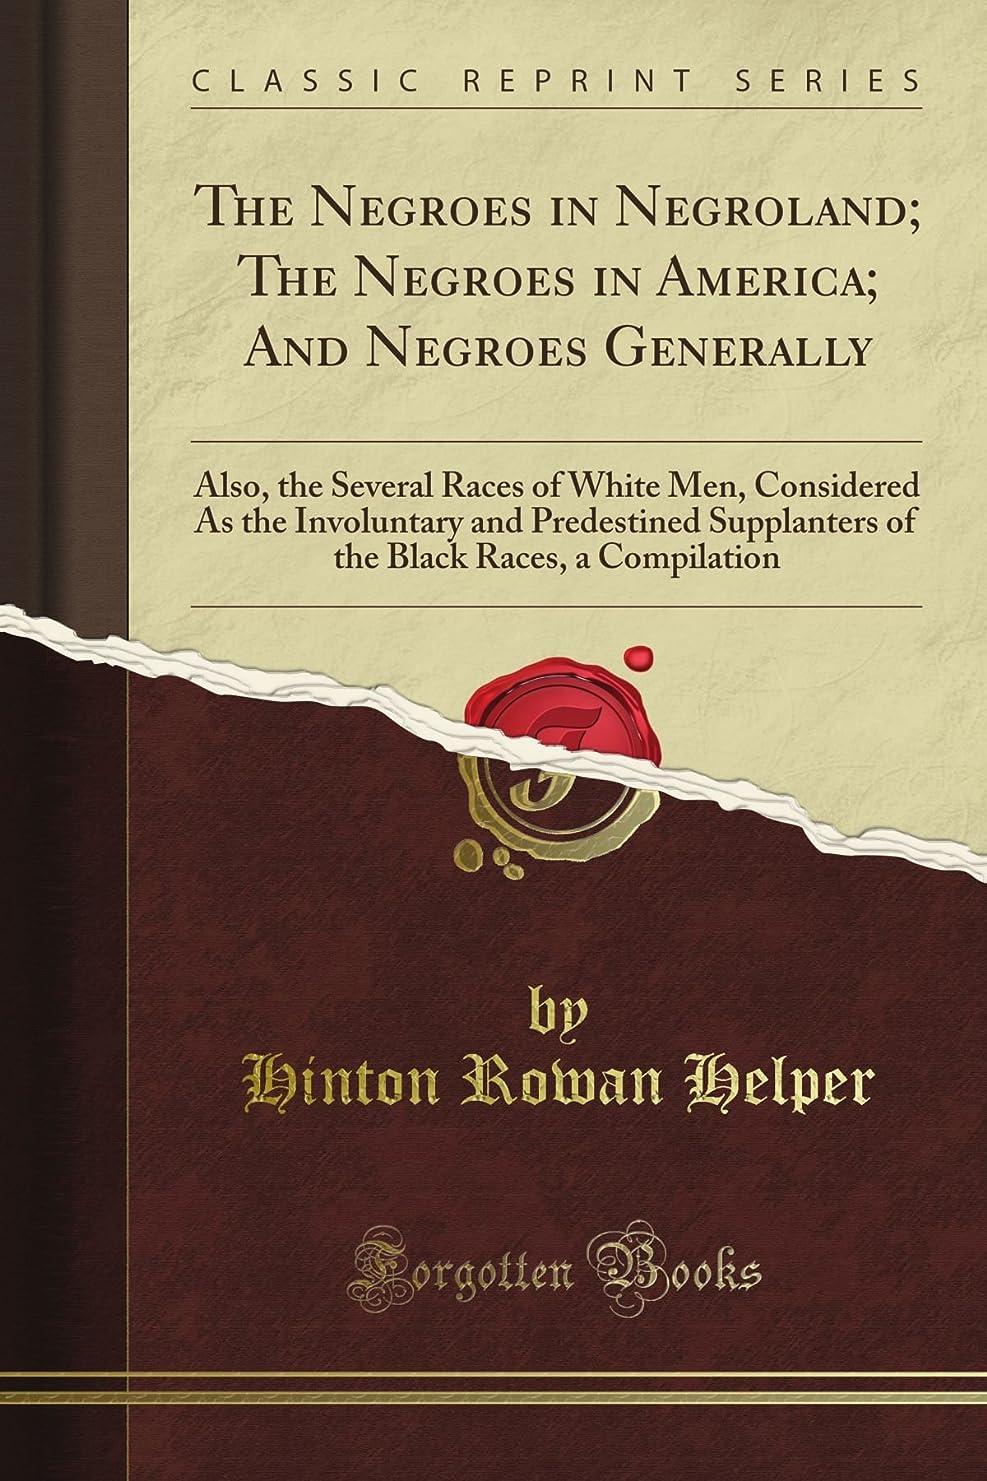 警報食用居住者The Negroes in Negroland; The Negroes in America; And Negroes Generally: Also, the Several Races of White Men, Considered As the Involuntary and Predestined Supplanters of the Black Races, a Compilation (Classic Reprint)